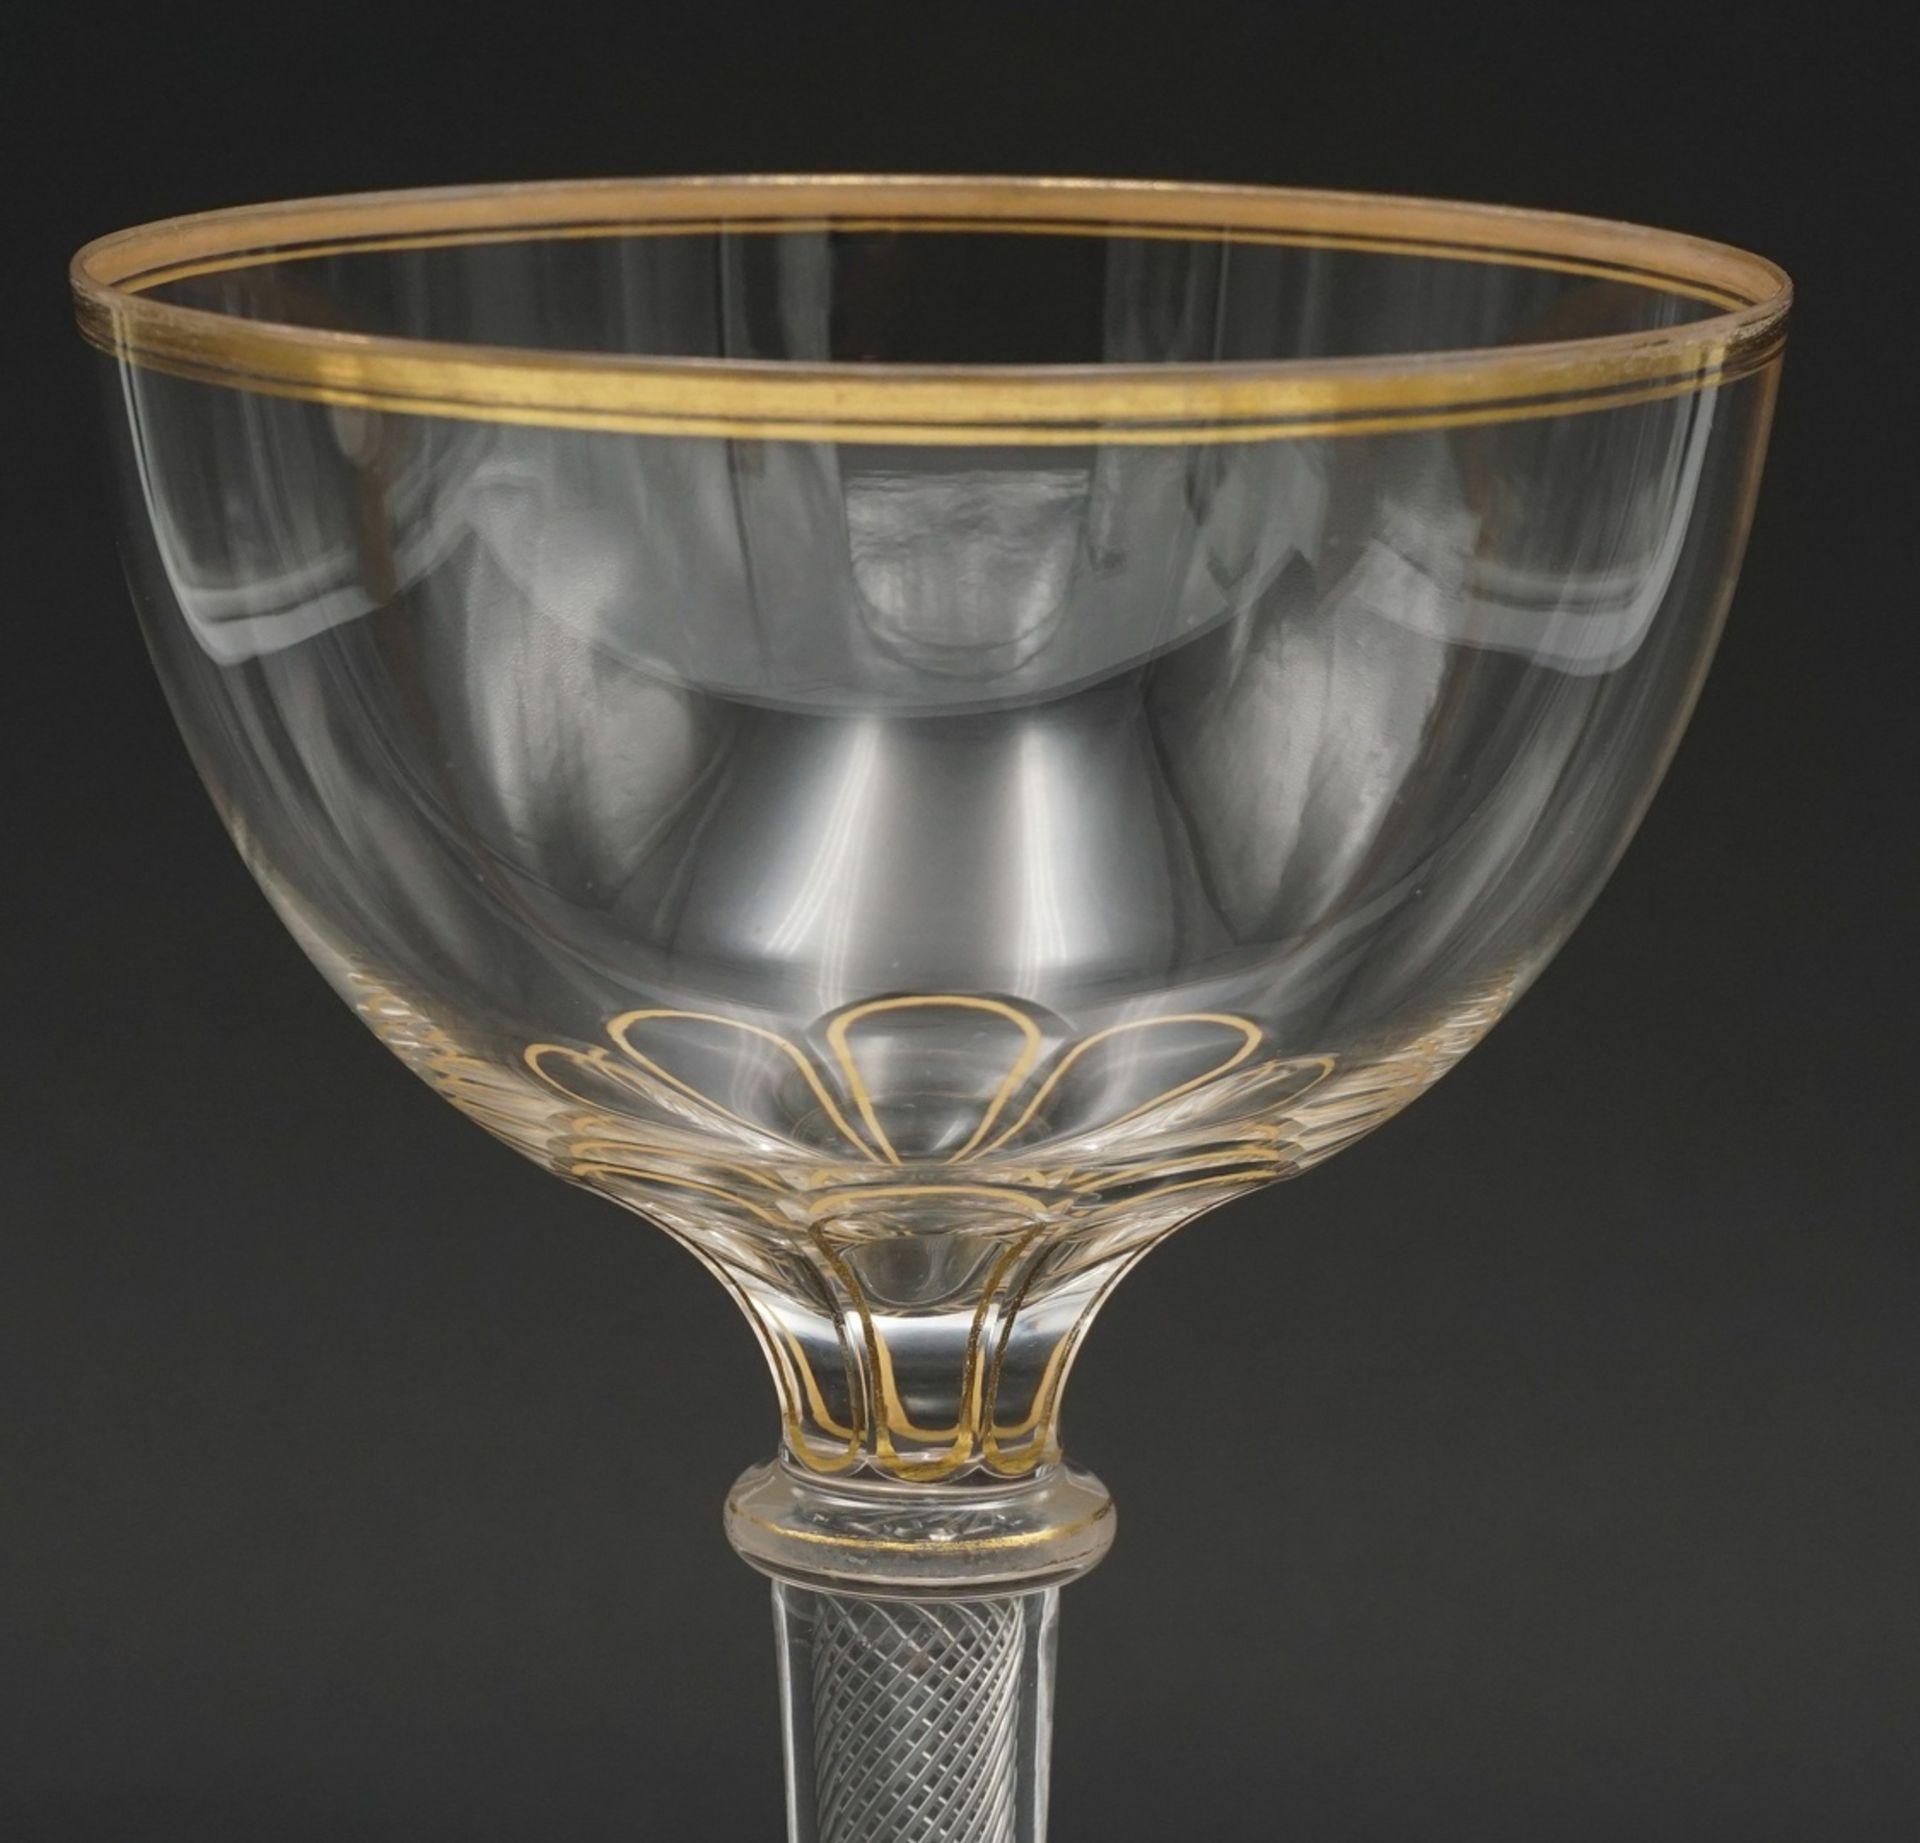 Josephinenhütte Fadenglas, 2. Hälfte 19. Jh. - Bild 2 aus 2